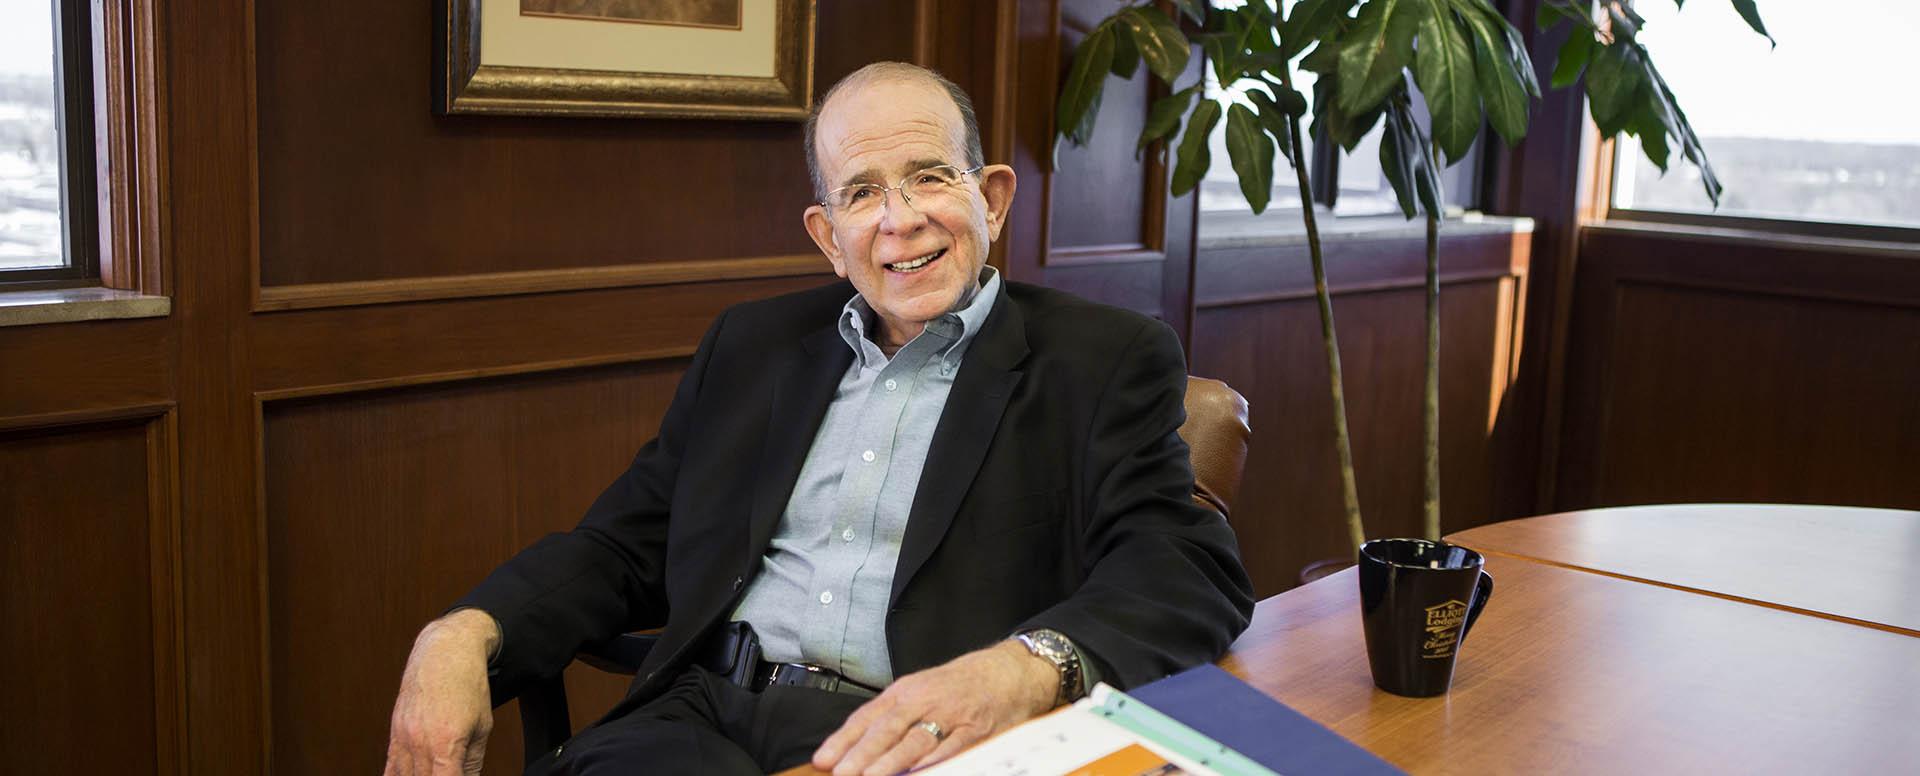 Gordon Elliot, OTC Excellence in Business 2018